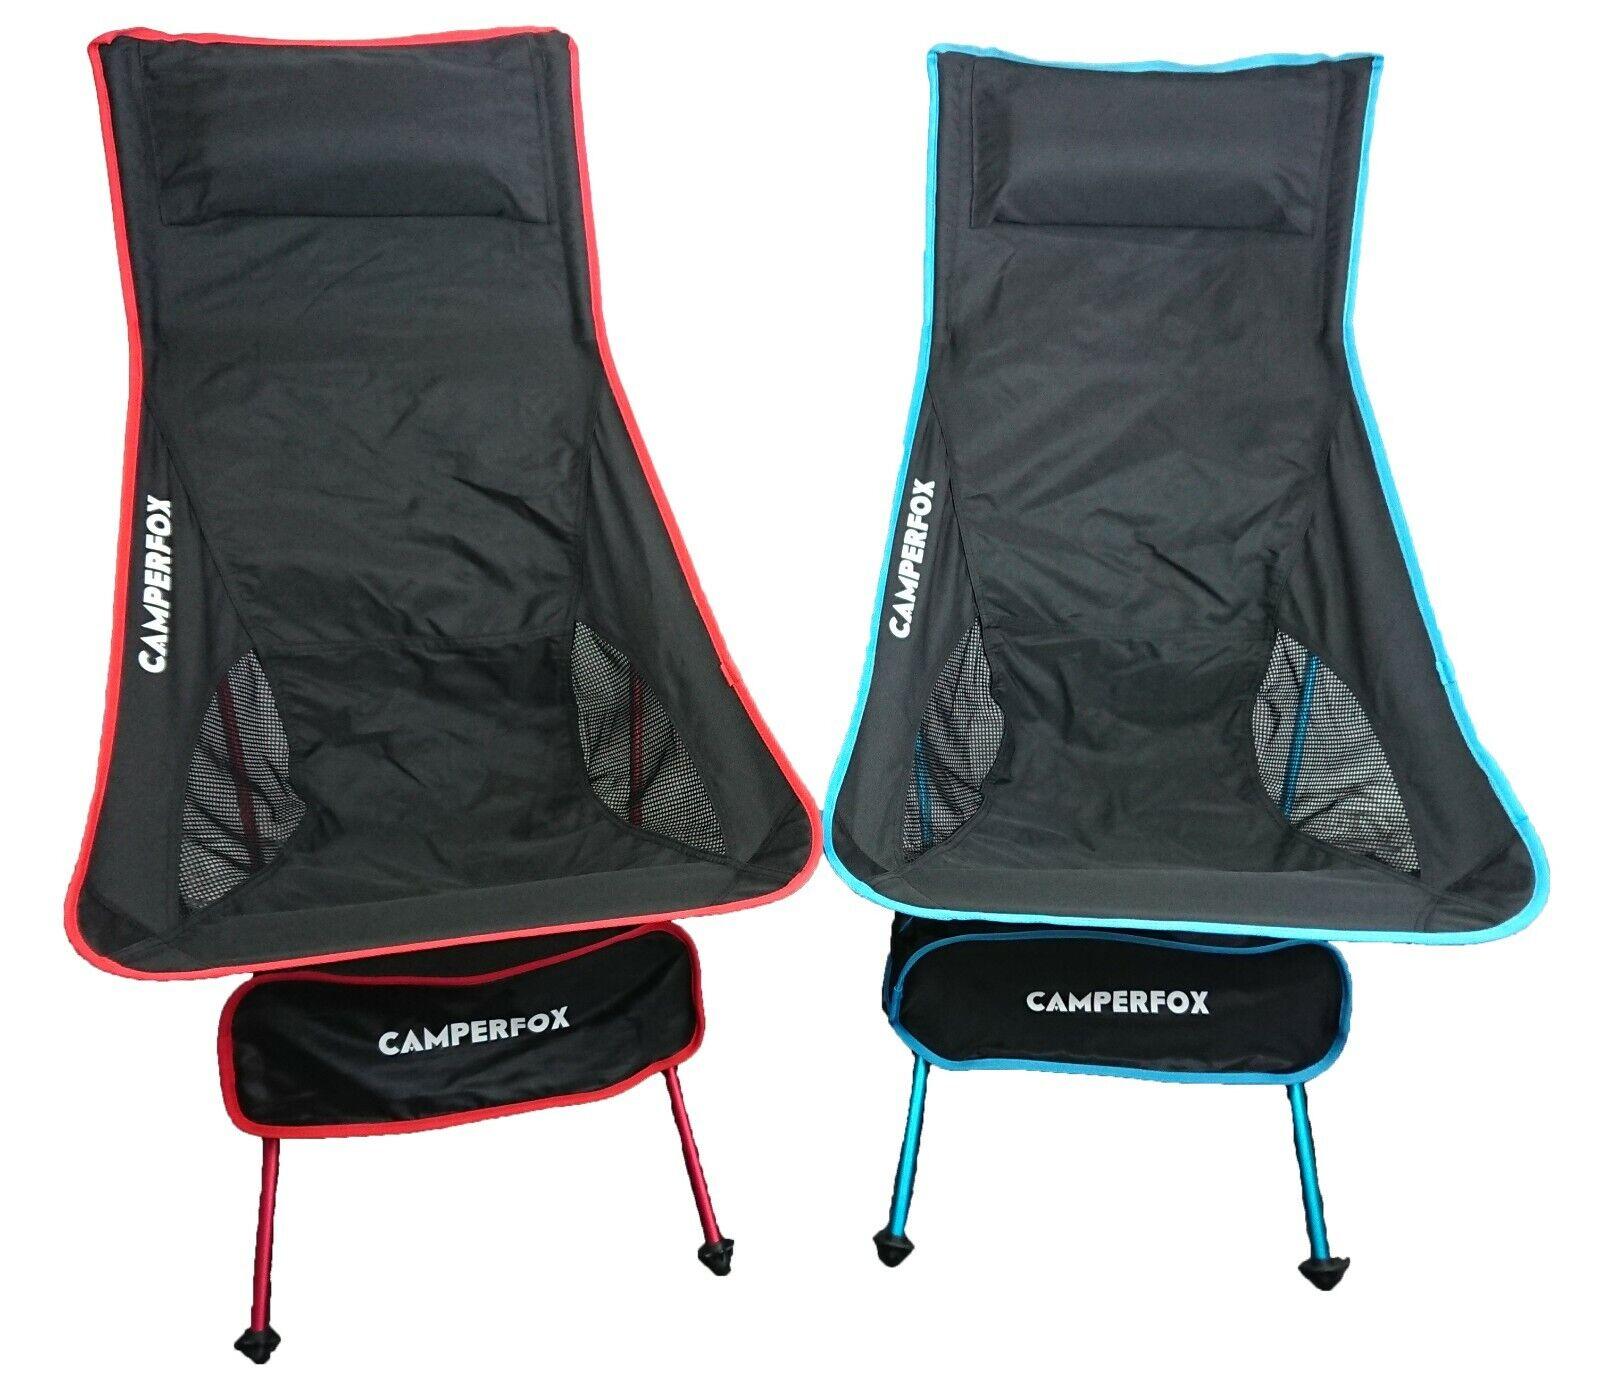 Campingstühle klappbar, sehr guter Zustand, rot+blau, Campingstuhl Set